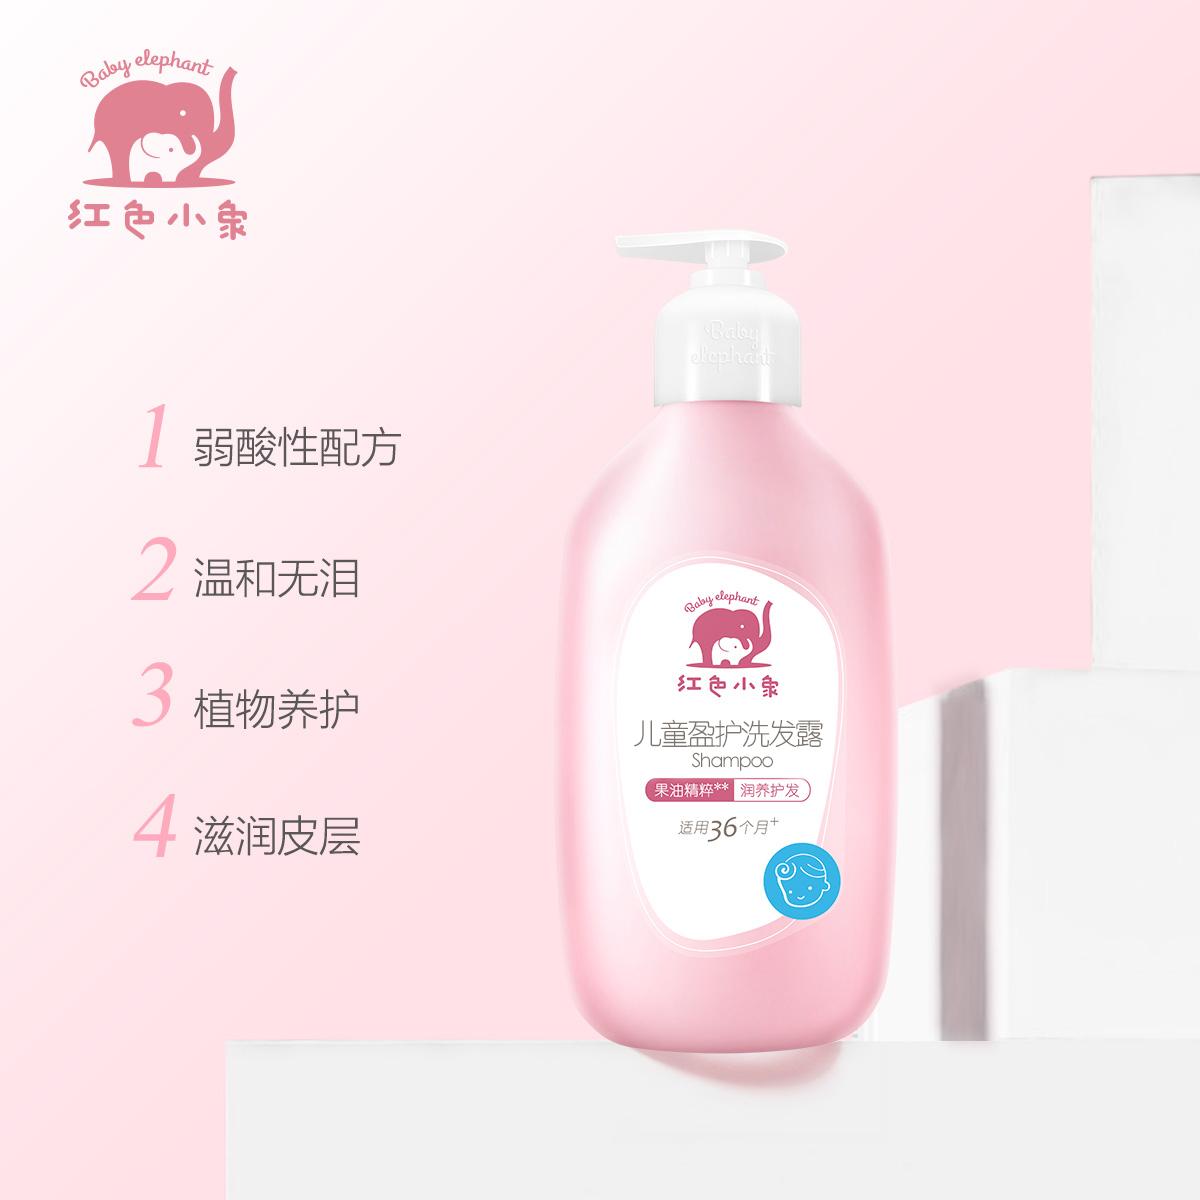 红色小象儿童洗发水包邮3-15岁男女孩正品婴幼儿宝宝无硅油洗发露